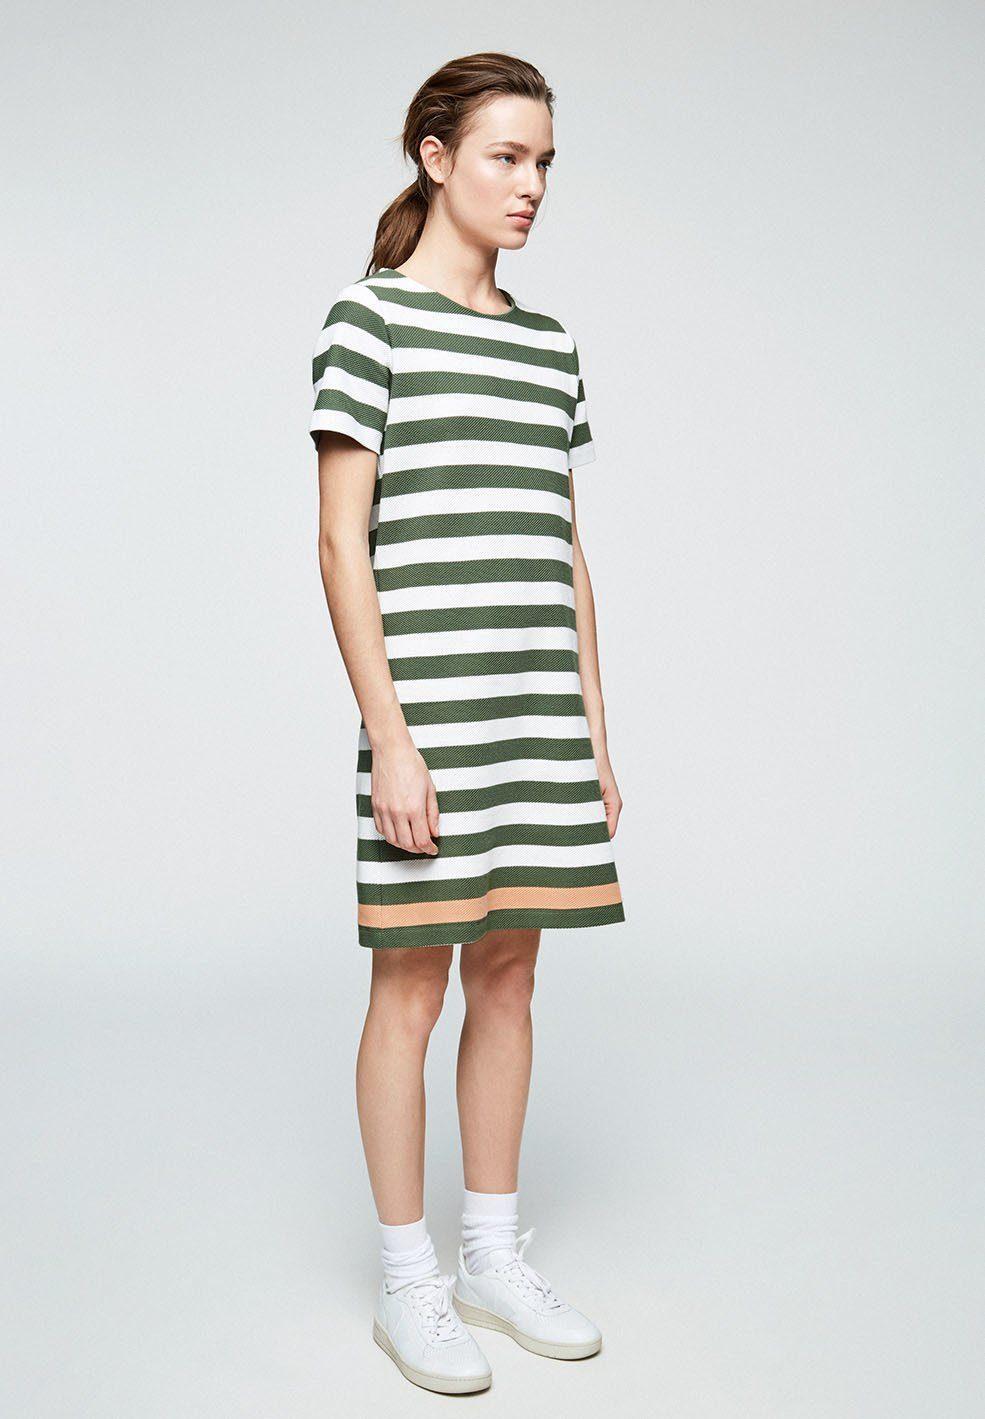 ARMEDANGELS Sweatkleid »SELINAA STRIPES Damen Kleid aus Bio-Baumwolle« GOTS, organic, CERES-08 in Grün